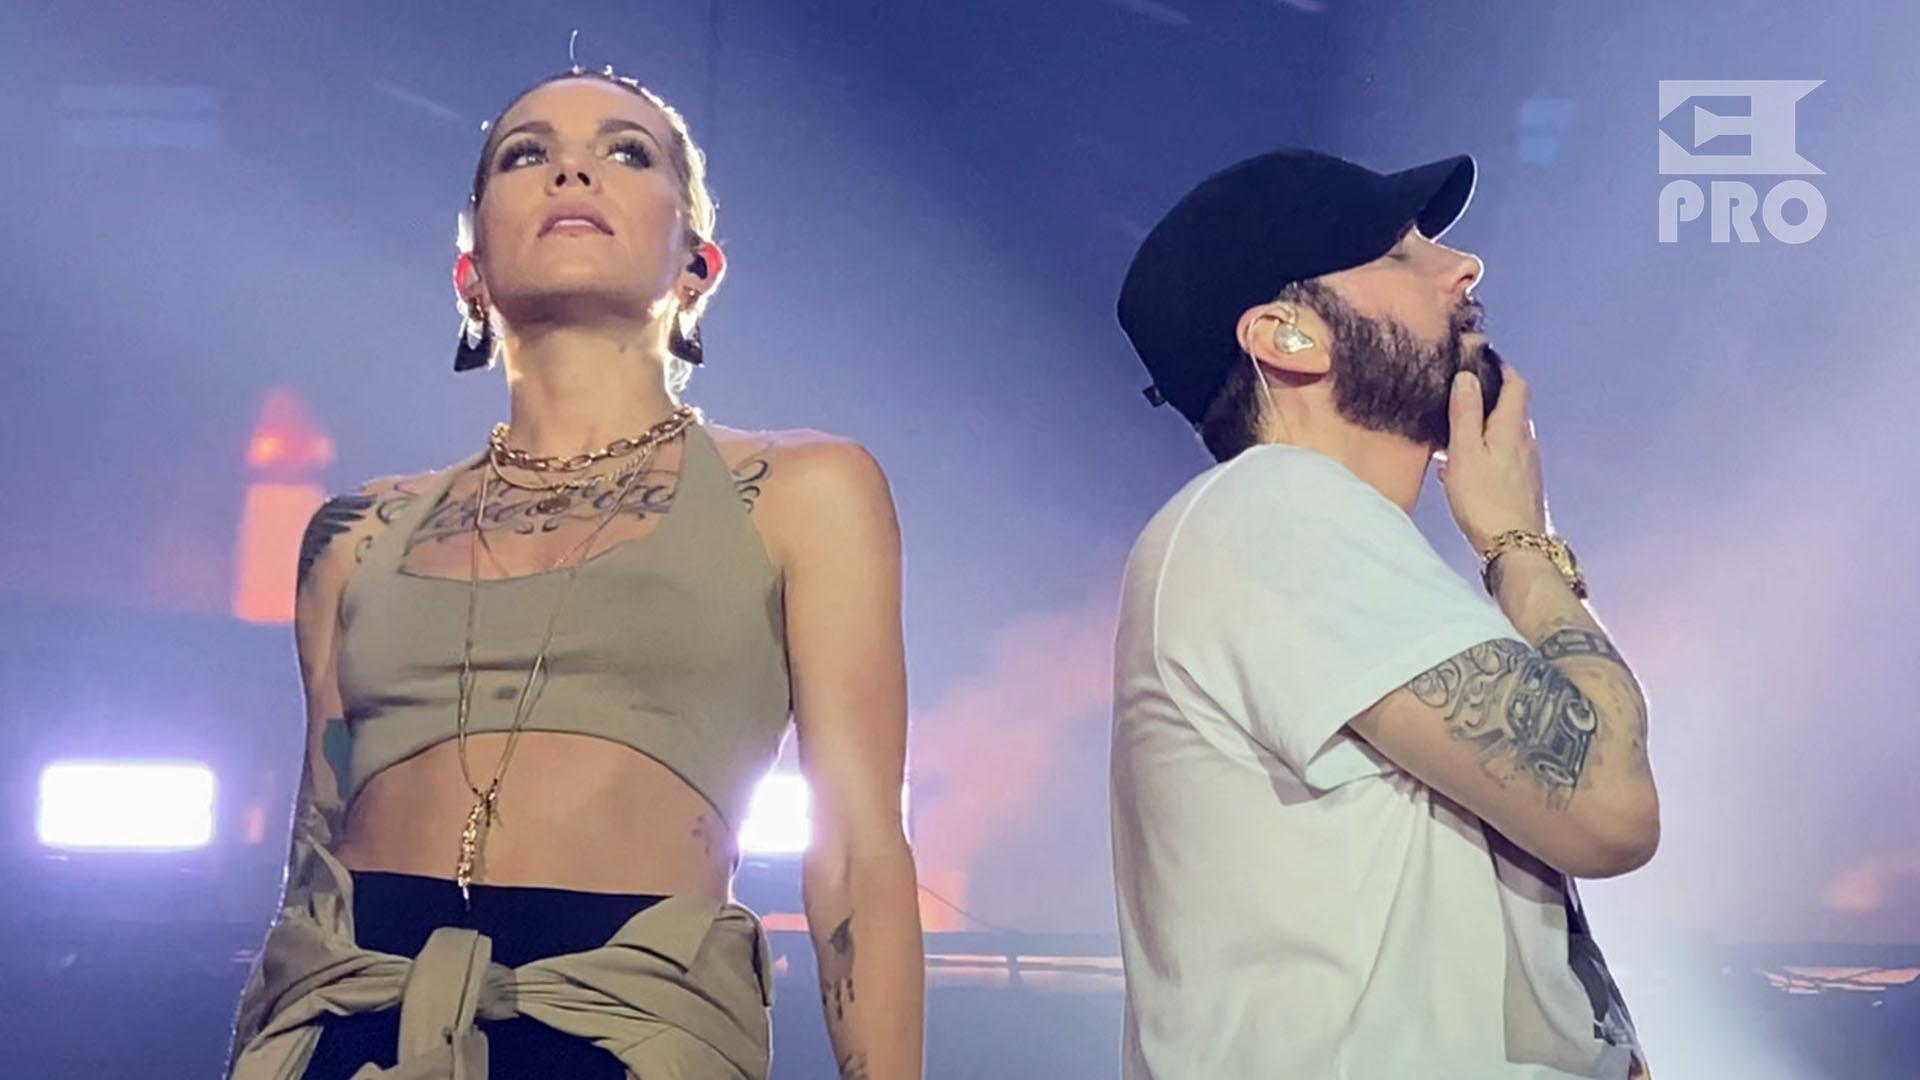 Шоу вопреки. Репортаж «Eminem.Pro» с концерта Эминема в Абу Даби